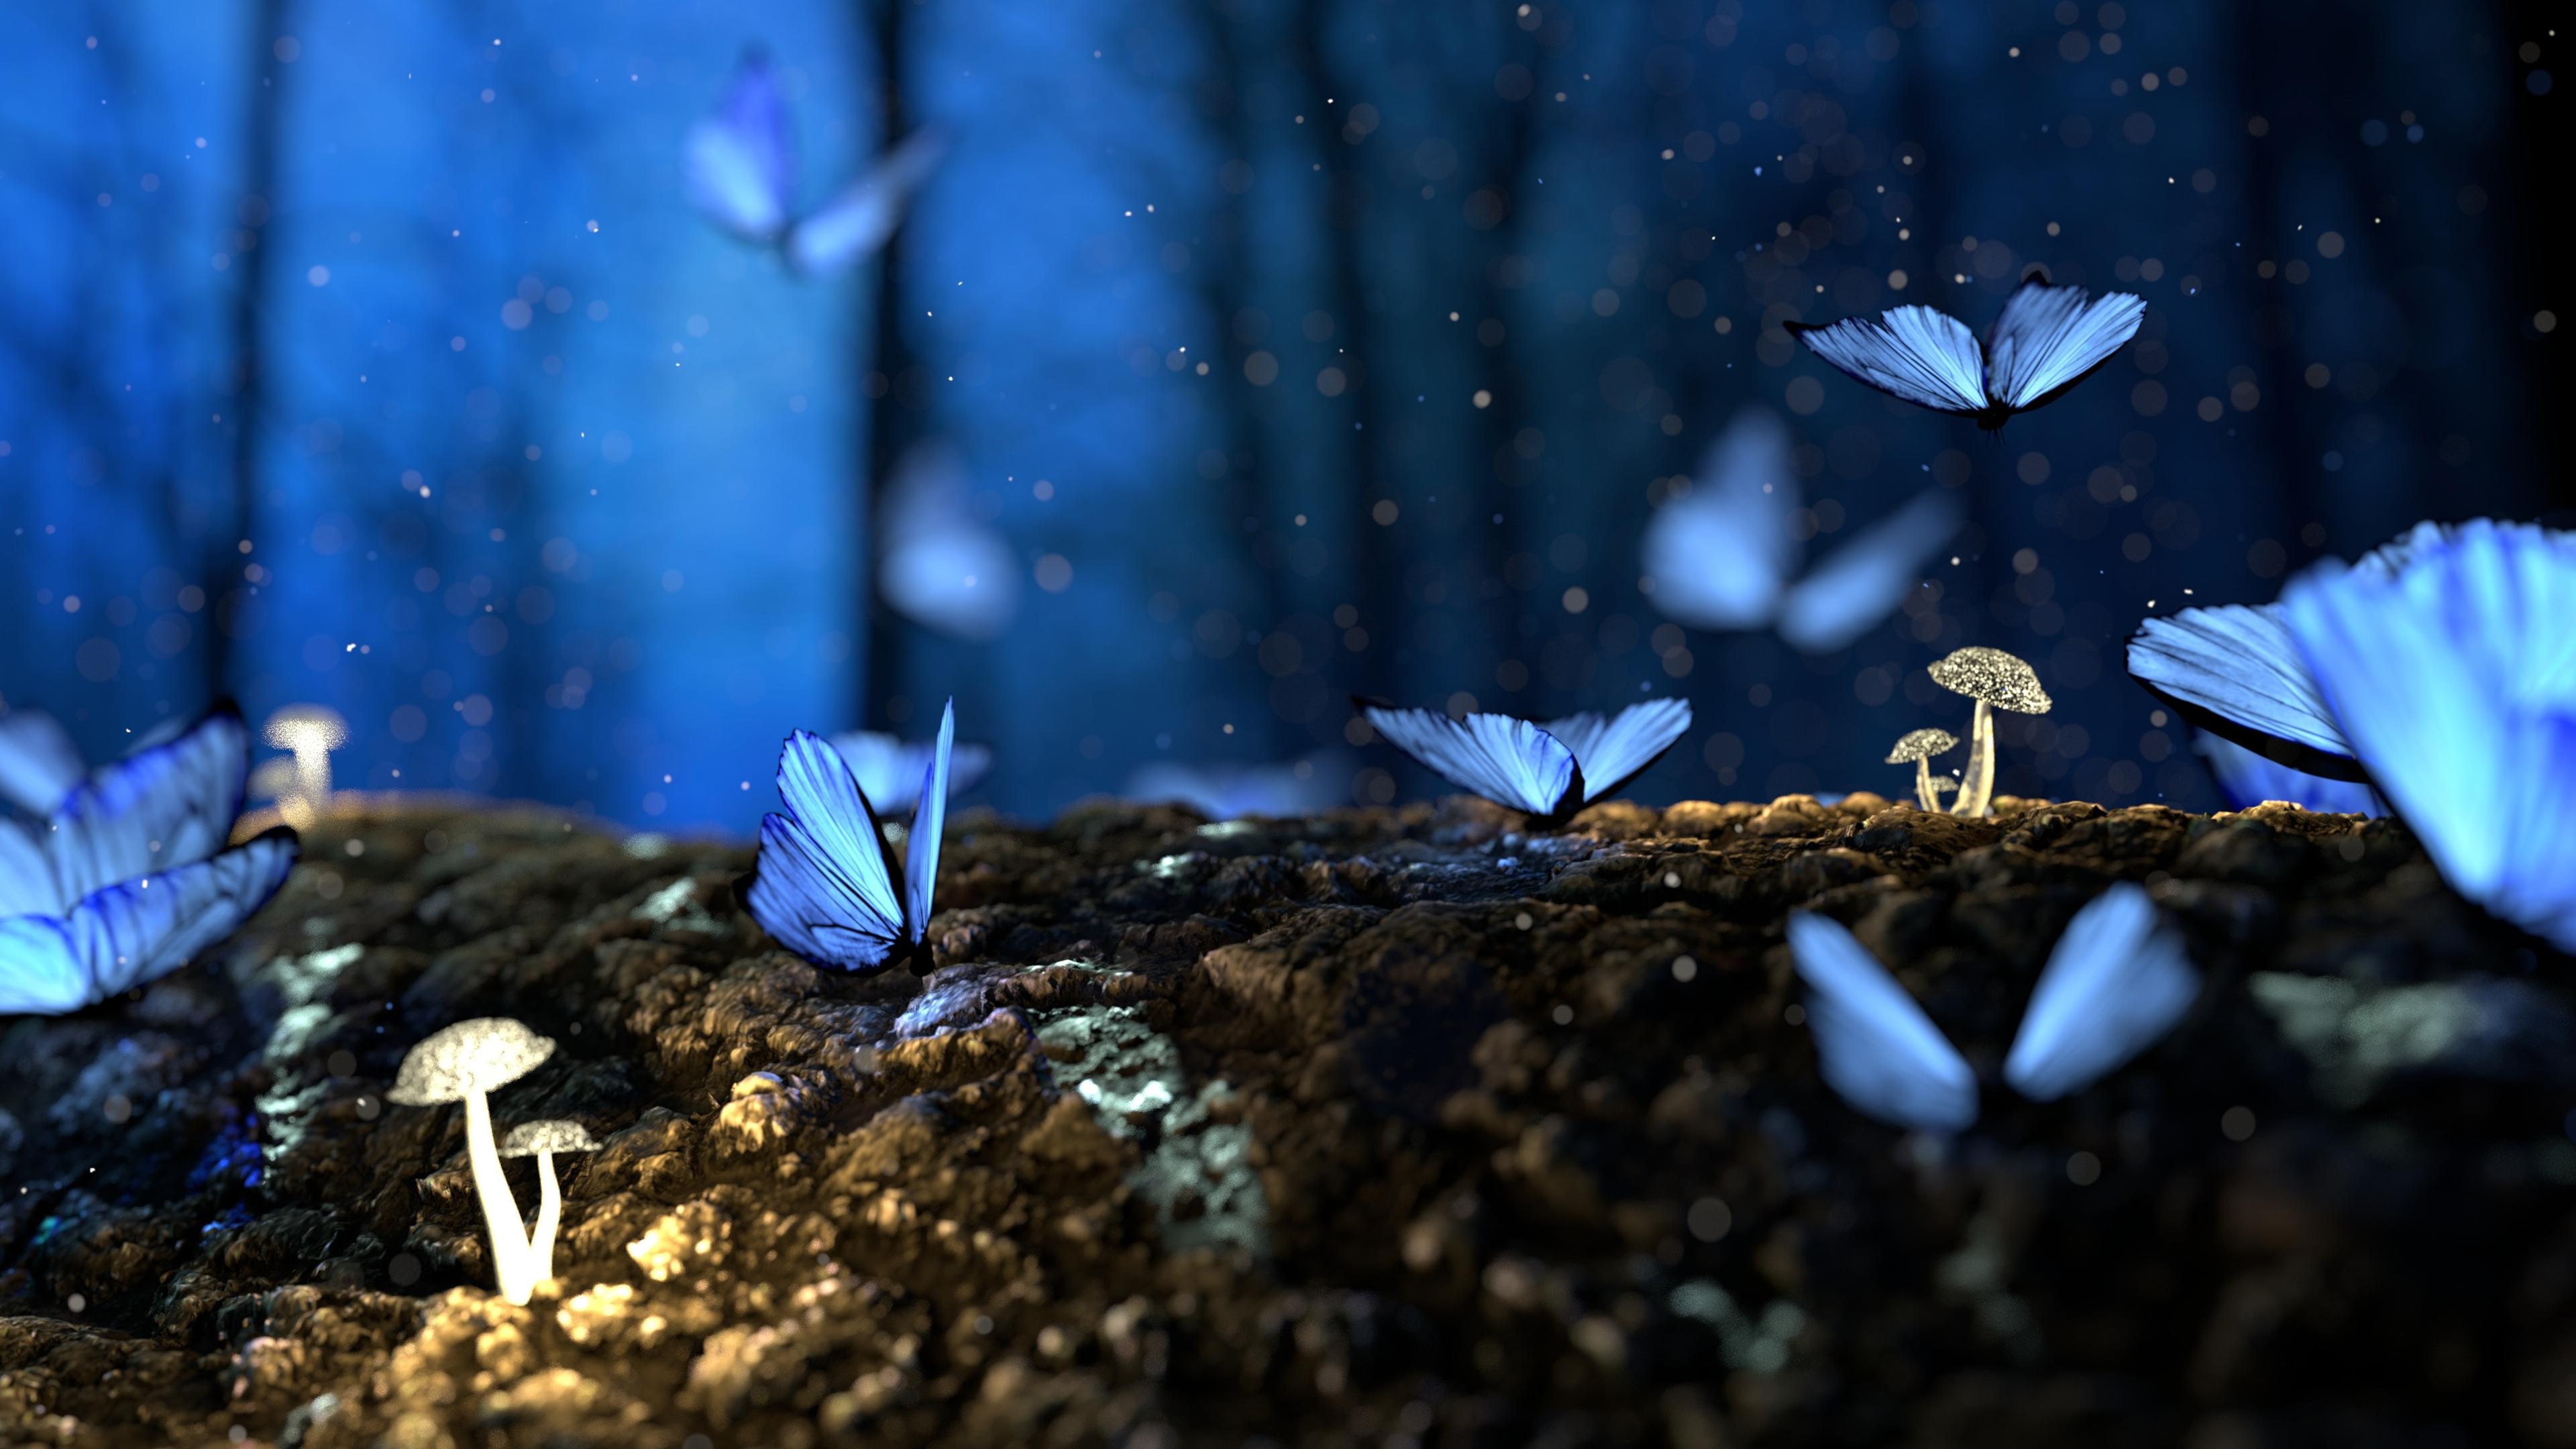 4k Blue Butterflies Wallpaper Hd